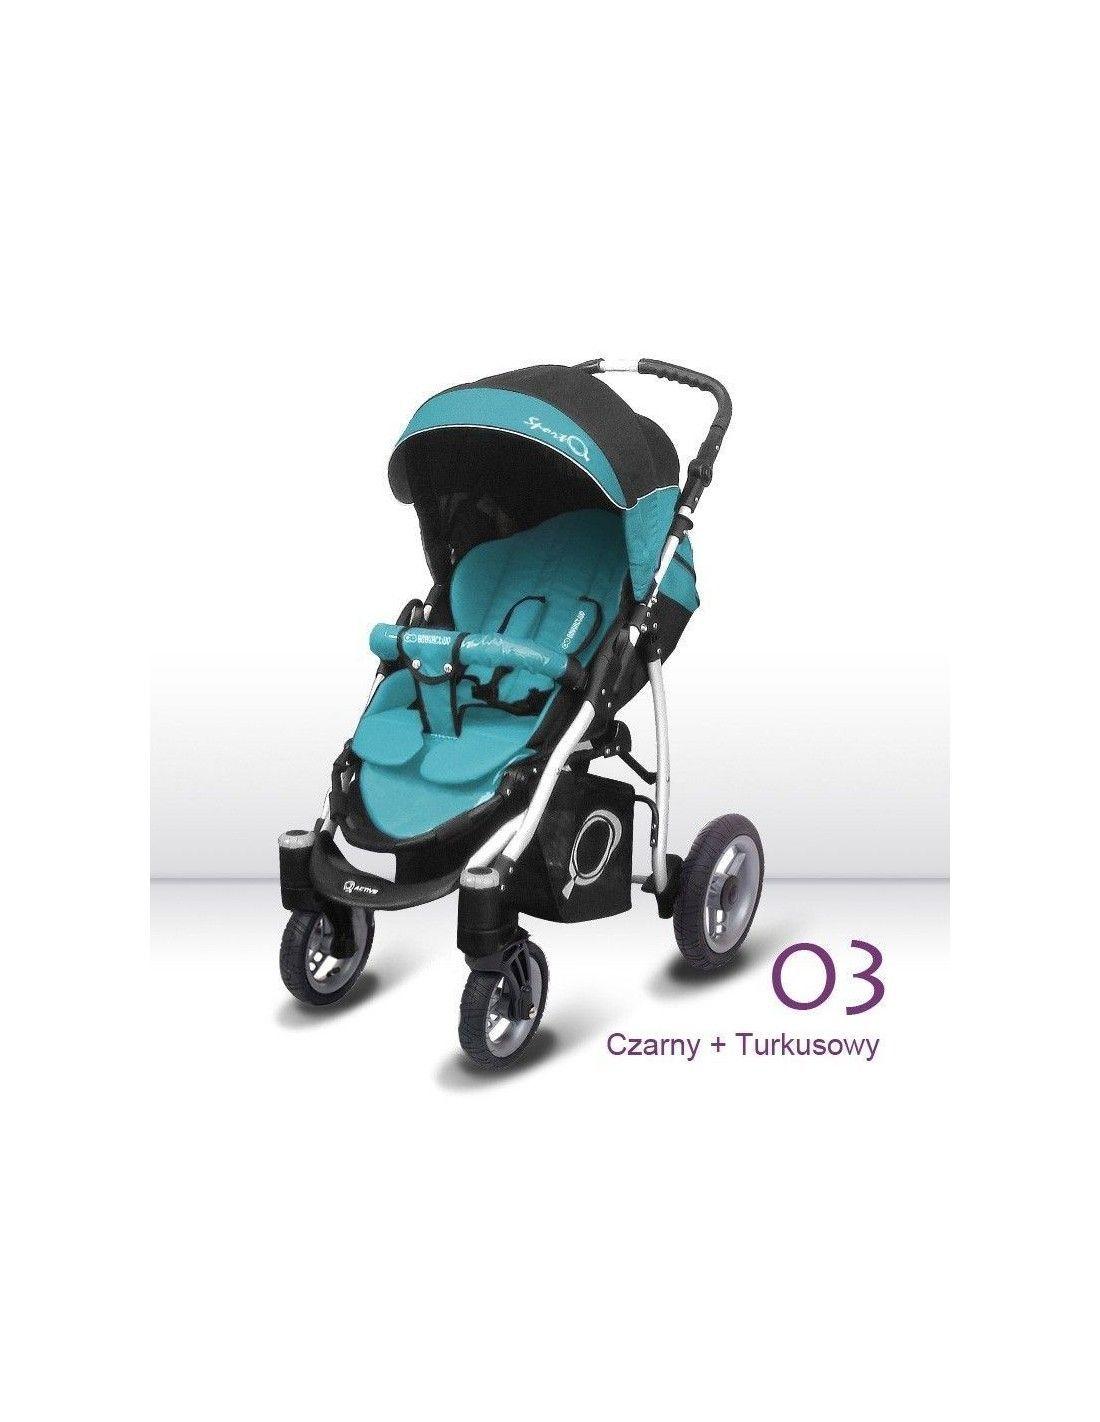 Silla de paseo todoterreno babyactive gastos de env o gratis - Silla de paseo ruedas grandes ...